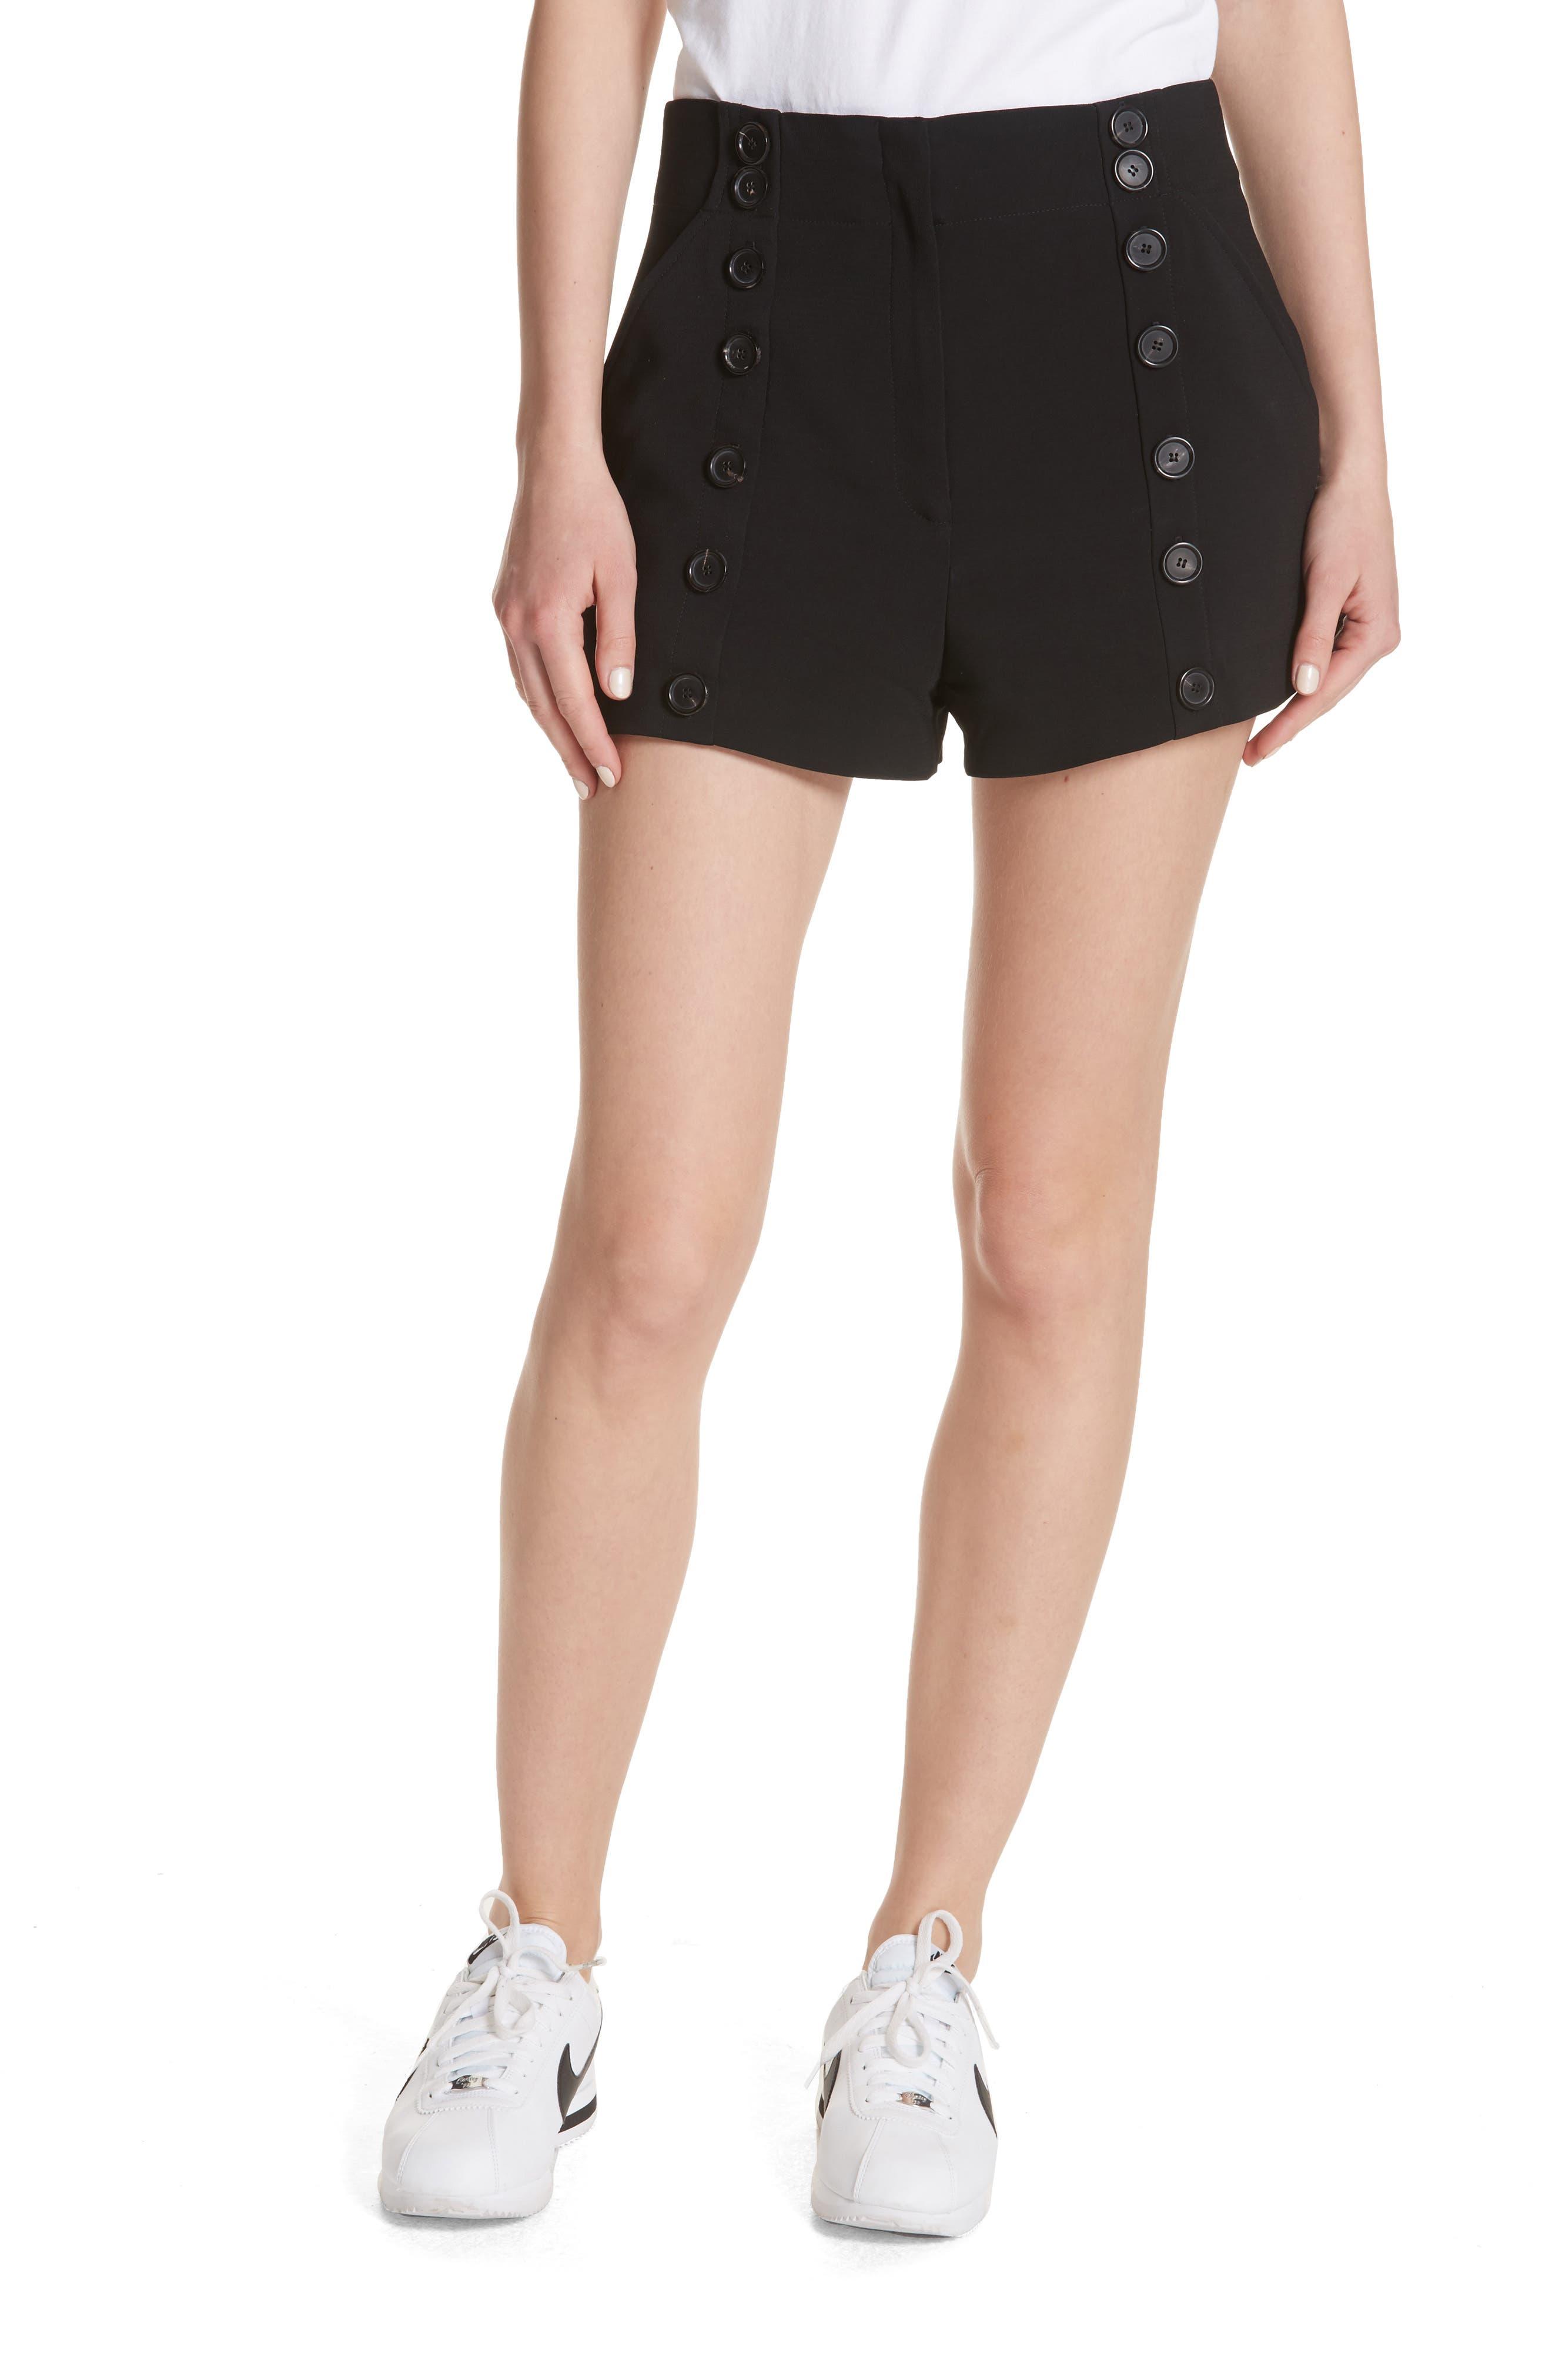 Issac Shorts,                             Main thumbnail 1, color,                             Black